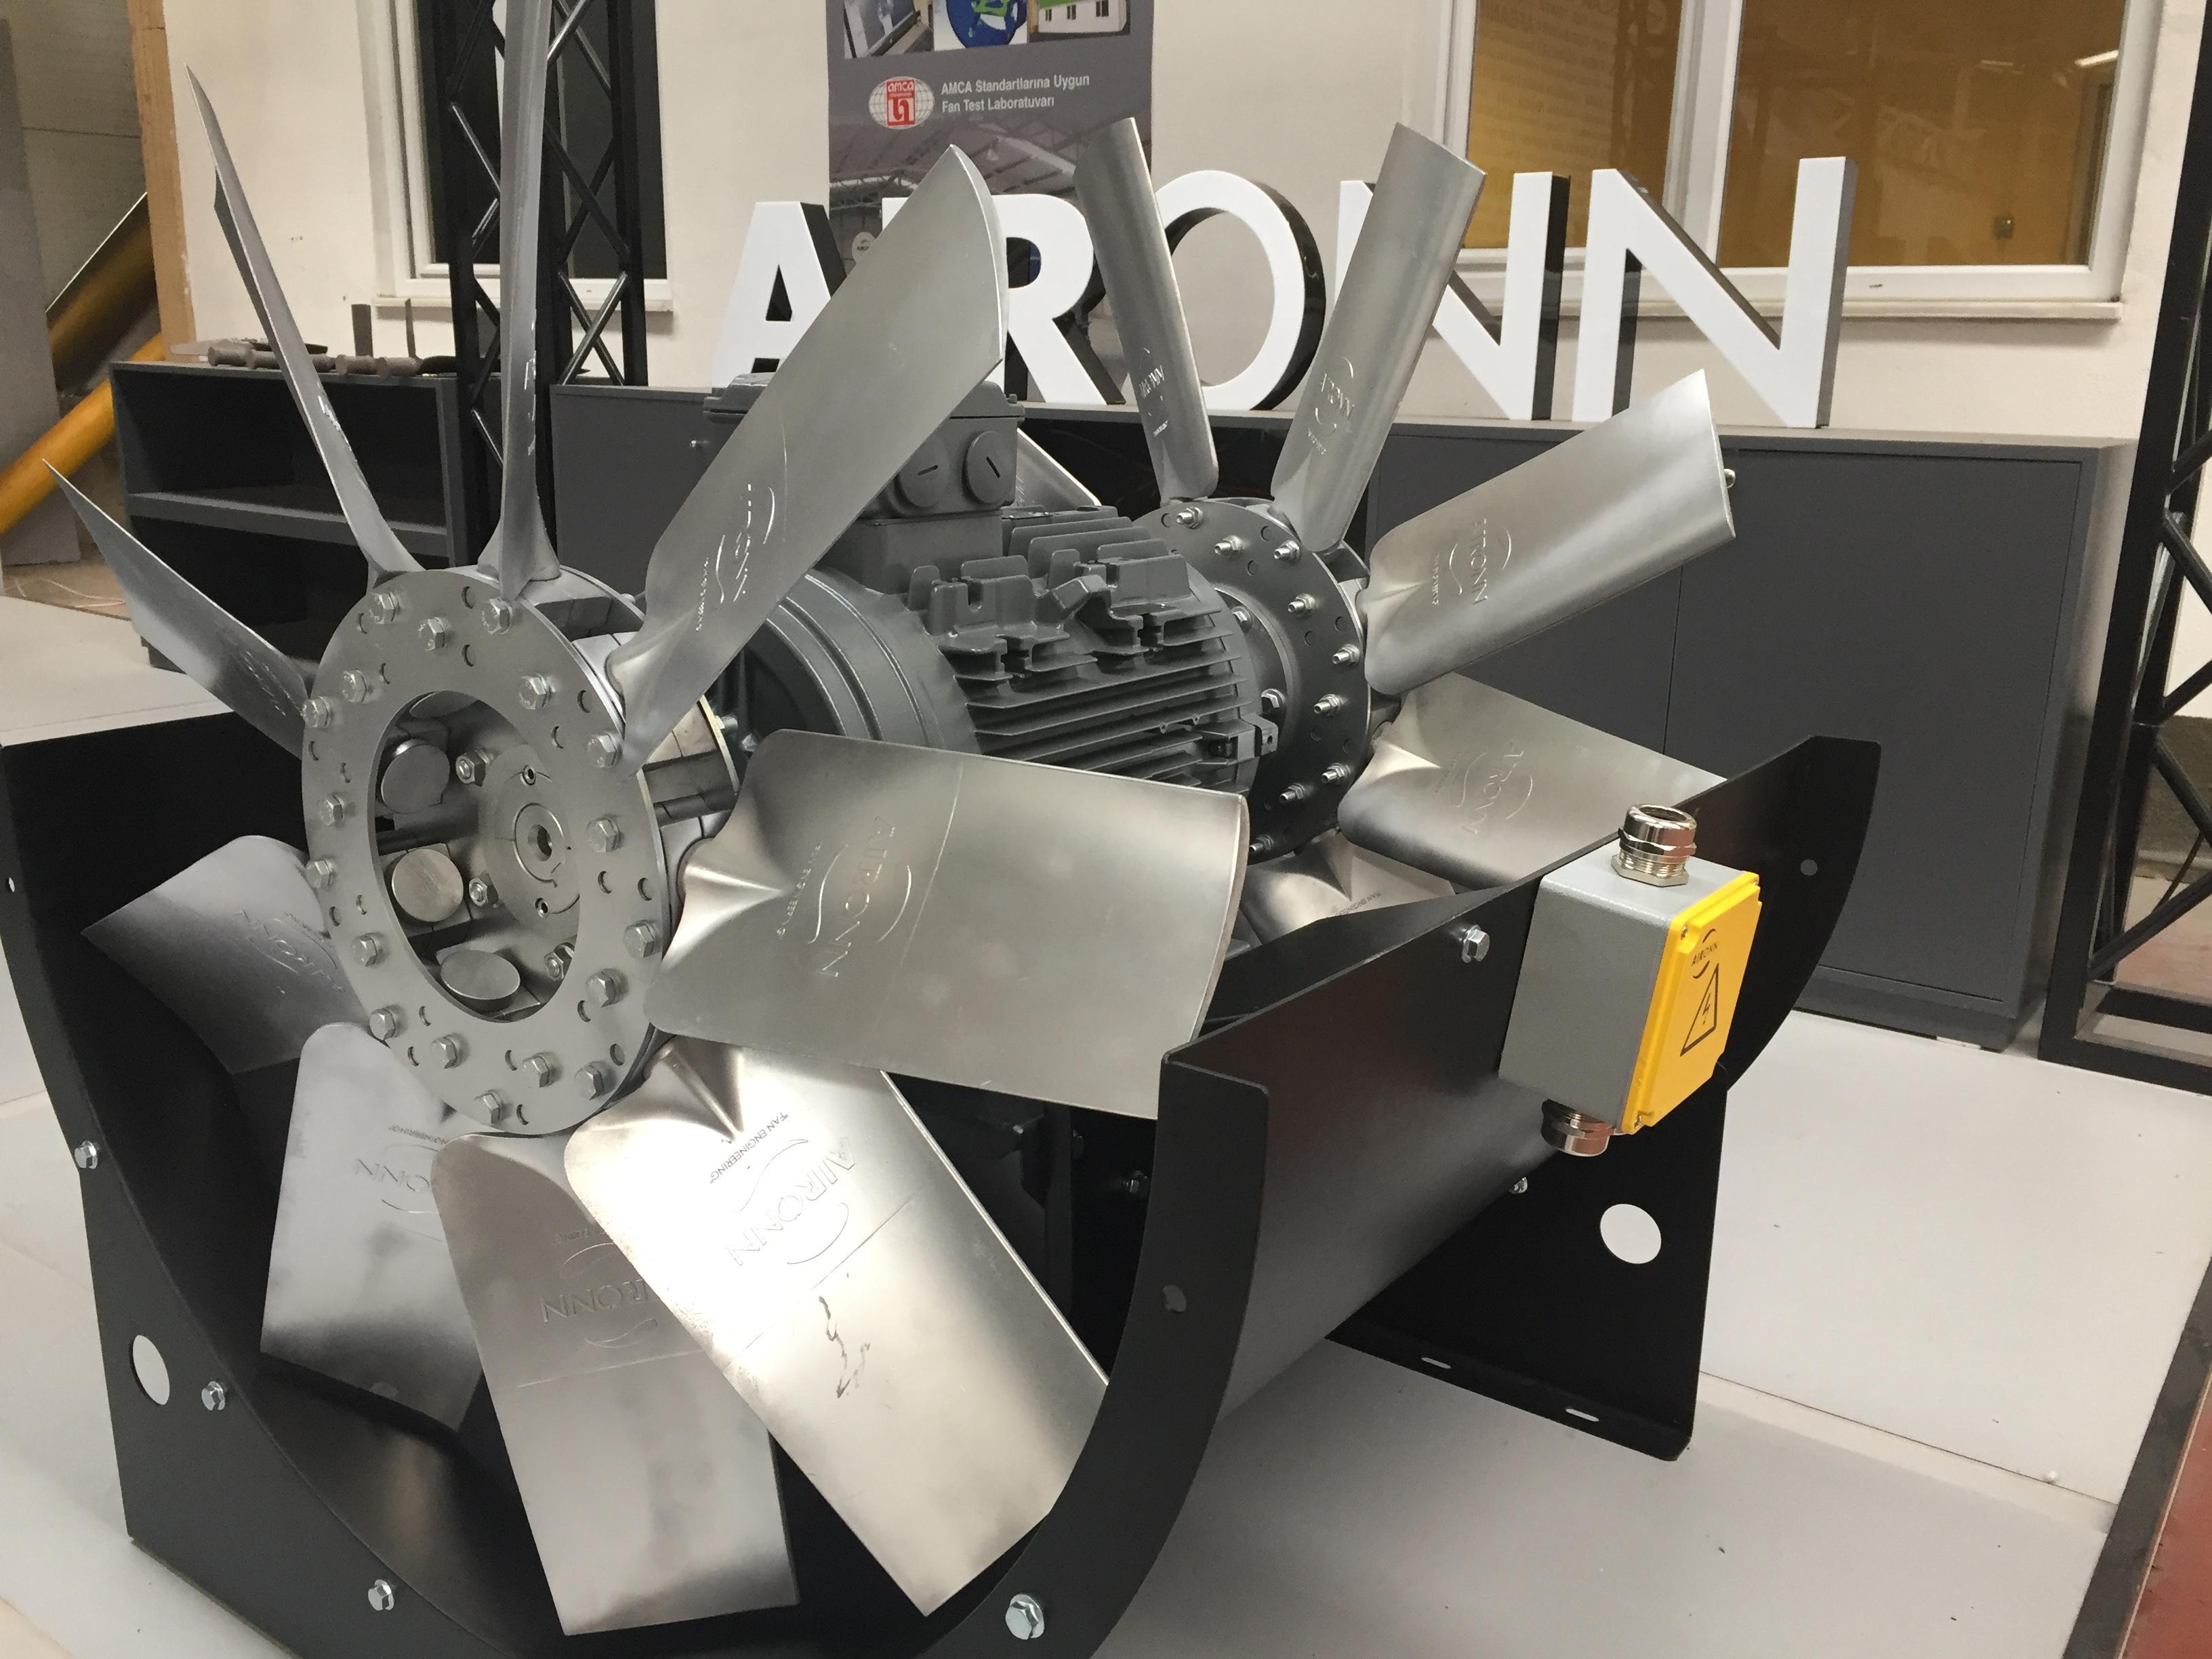 Aironn, Tek Motor, Tek Mille Yüksek Basınçlarda…